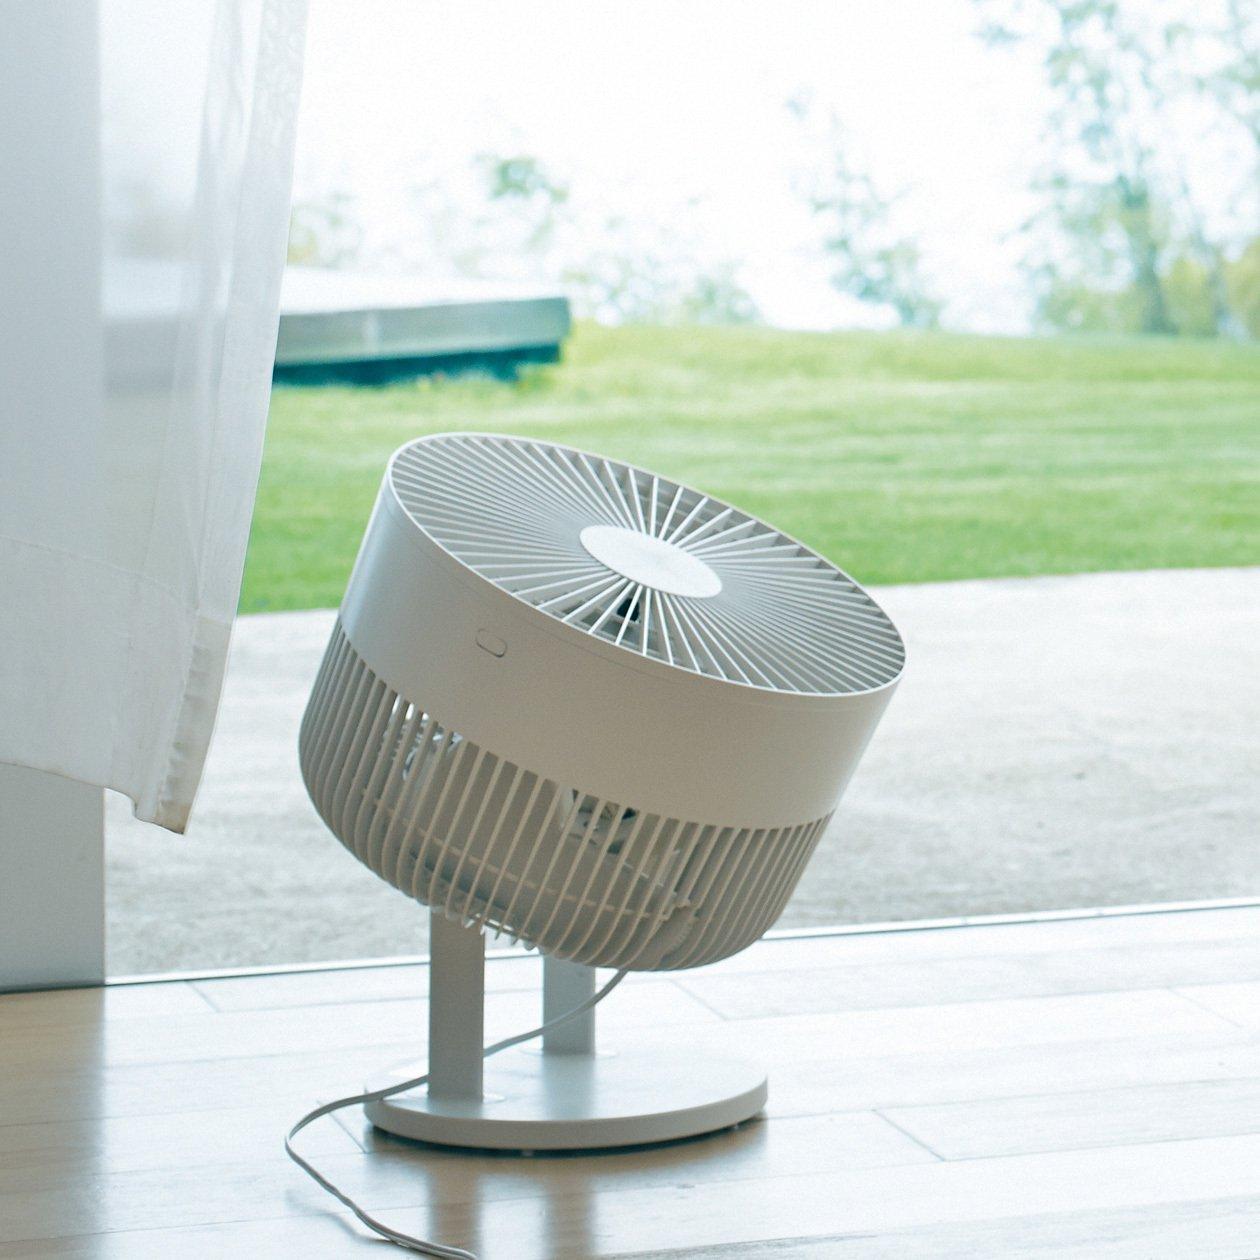 空氣循環風扇,2,980元。圖/無印良品提供